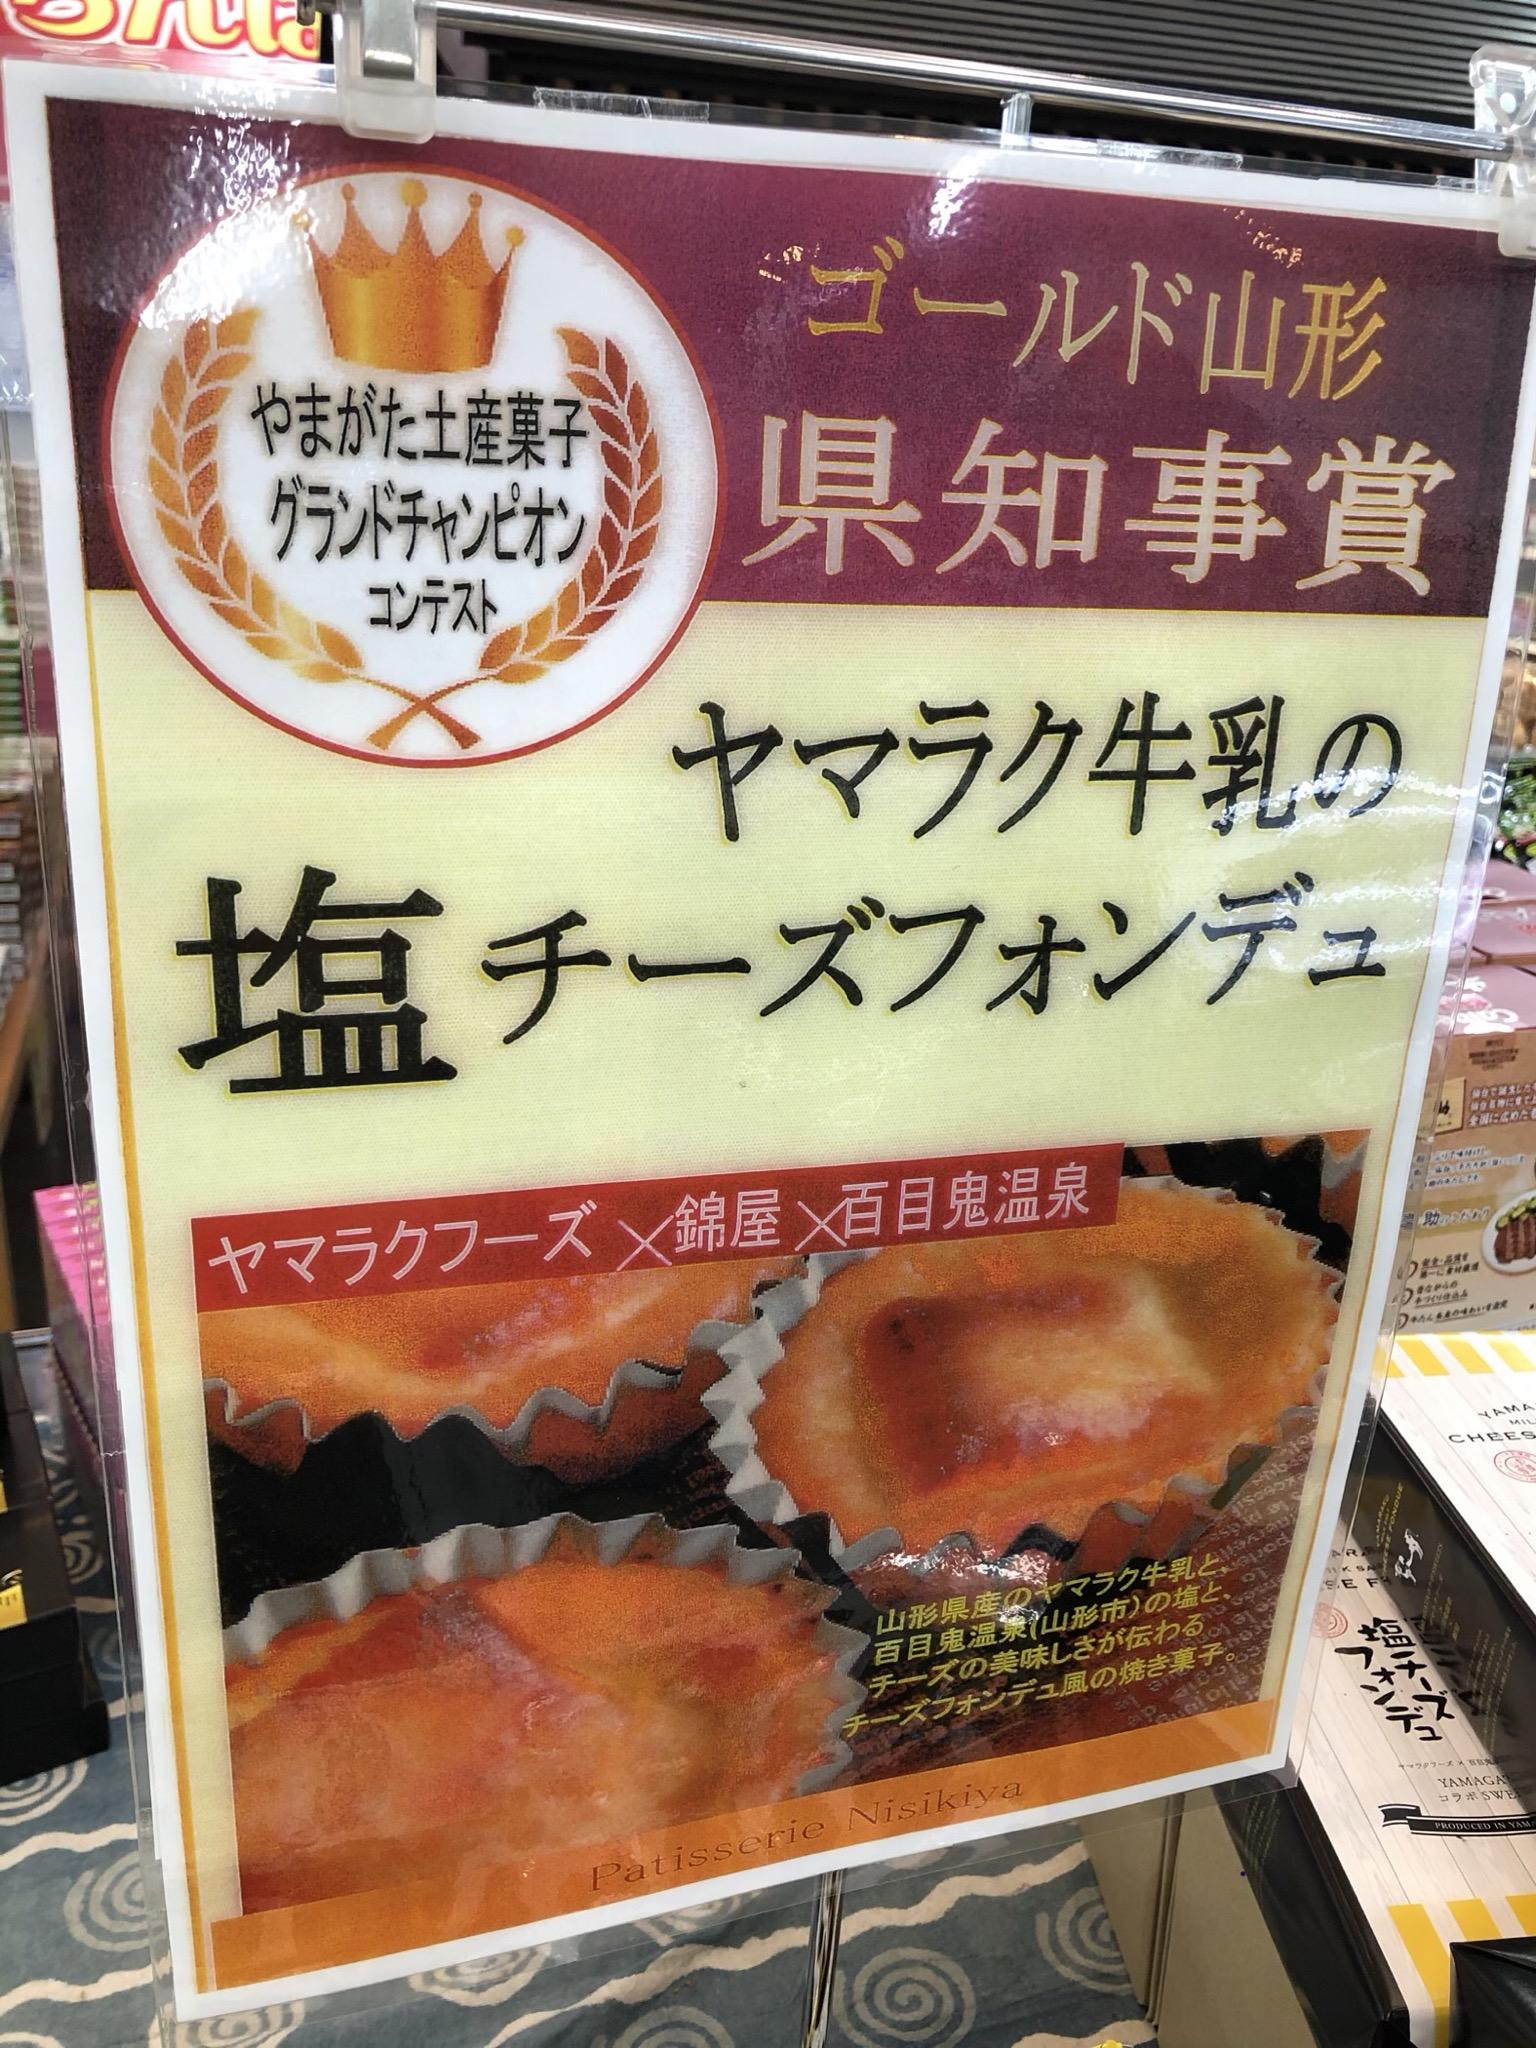 ヤマラクフーズ × 錦屋 ×  百目鬼温泉